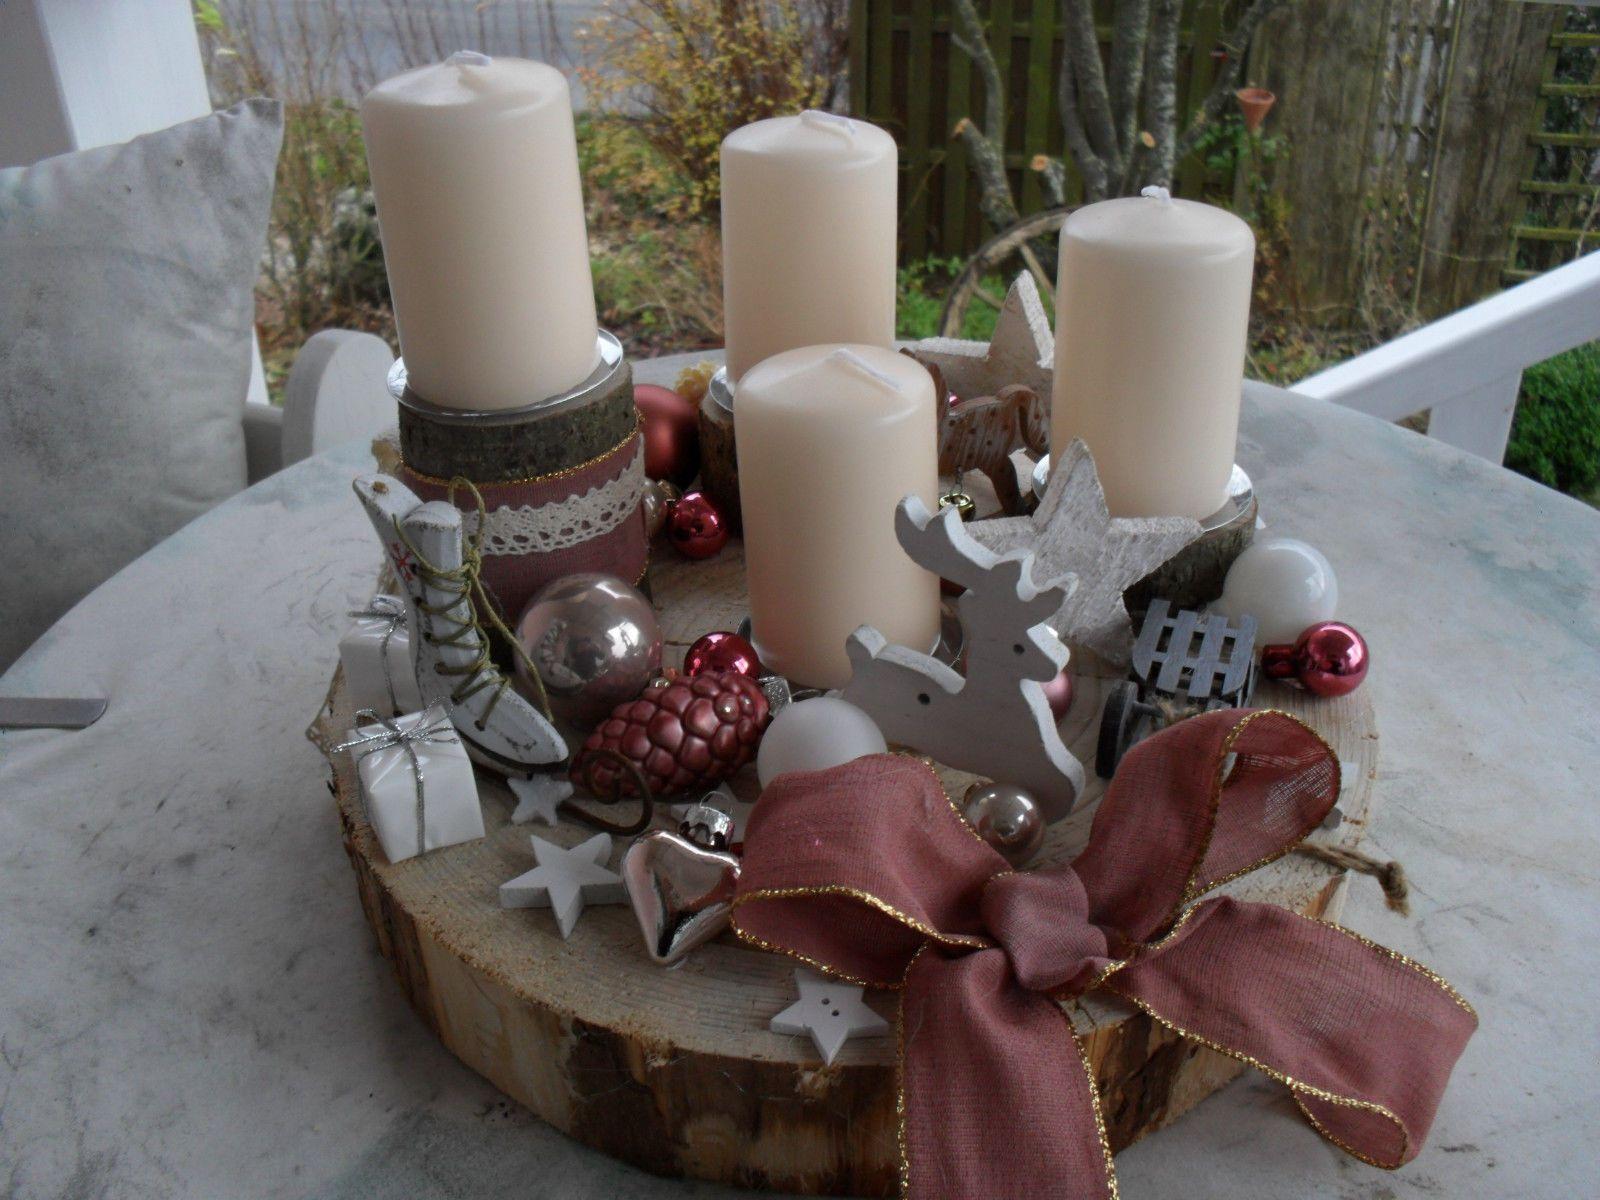 Adventskranz Adventsgesteck Weihnachtsdeko Shabby Landhaus Natur Holz Creme Rosa Eur 28 00 Weihnachtsdeko Adventskranz Adventsgesteck